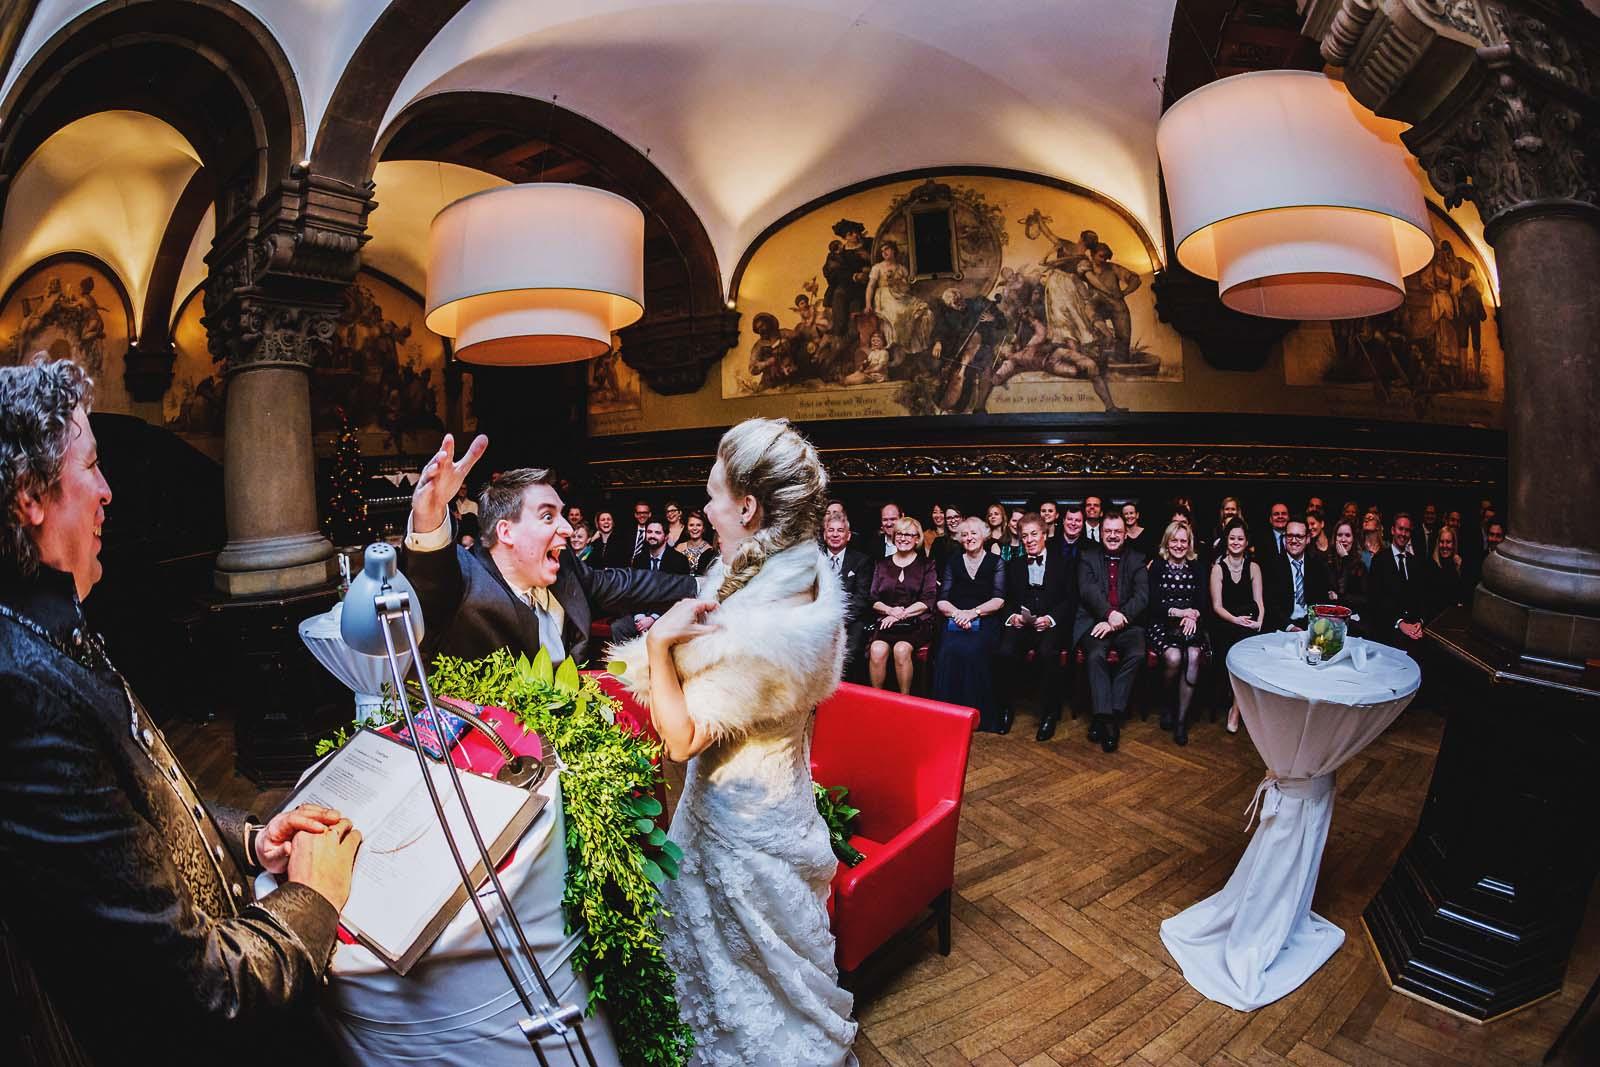 Hochzeitsfotograf Hamburg im Restaurant Parlament Remter Copyright by Hochzeitsfotograf www.berliner-hochzeitsfotografie.de